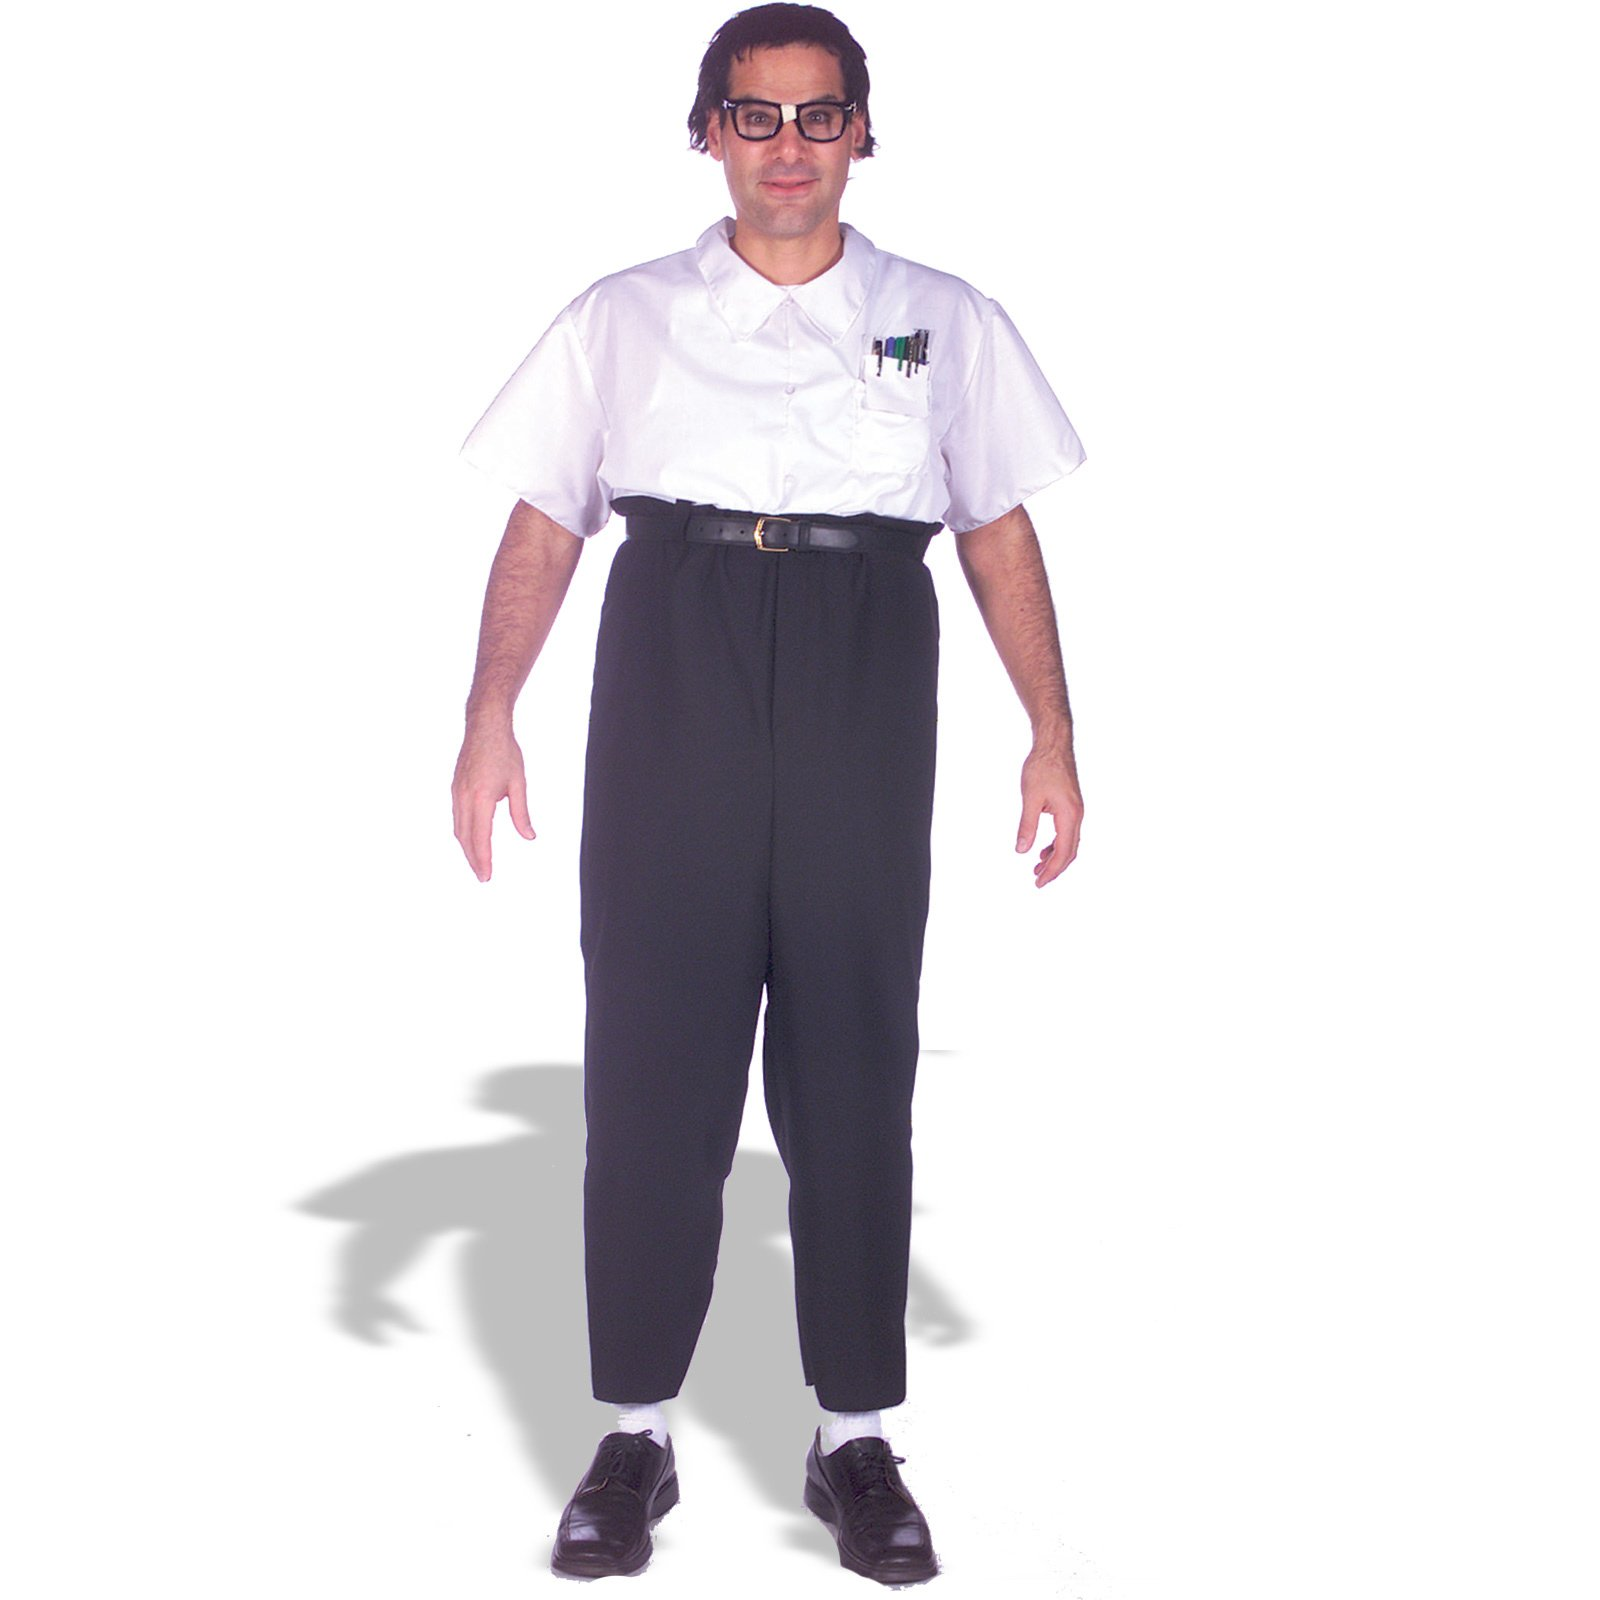 共鳴4 買的褲子回來要修改的地方很多,但是這樣褲子就是獨一無二,跟別人的不一樣啦~